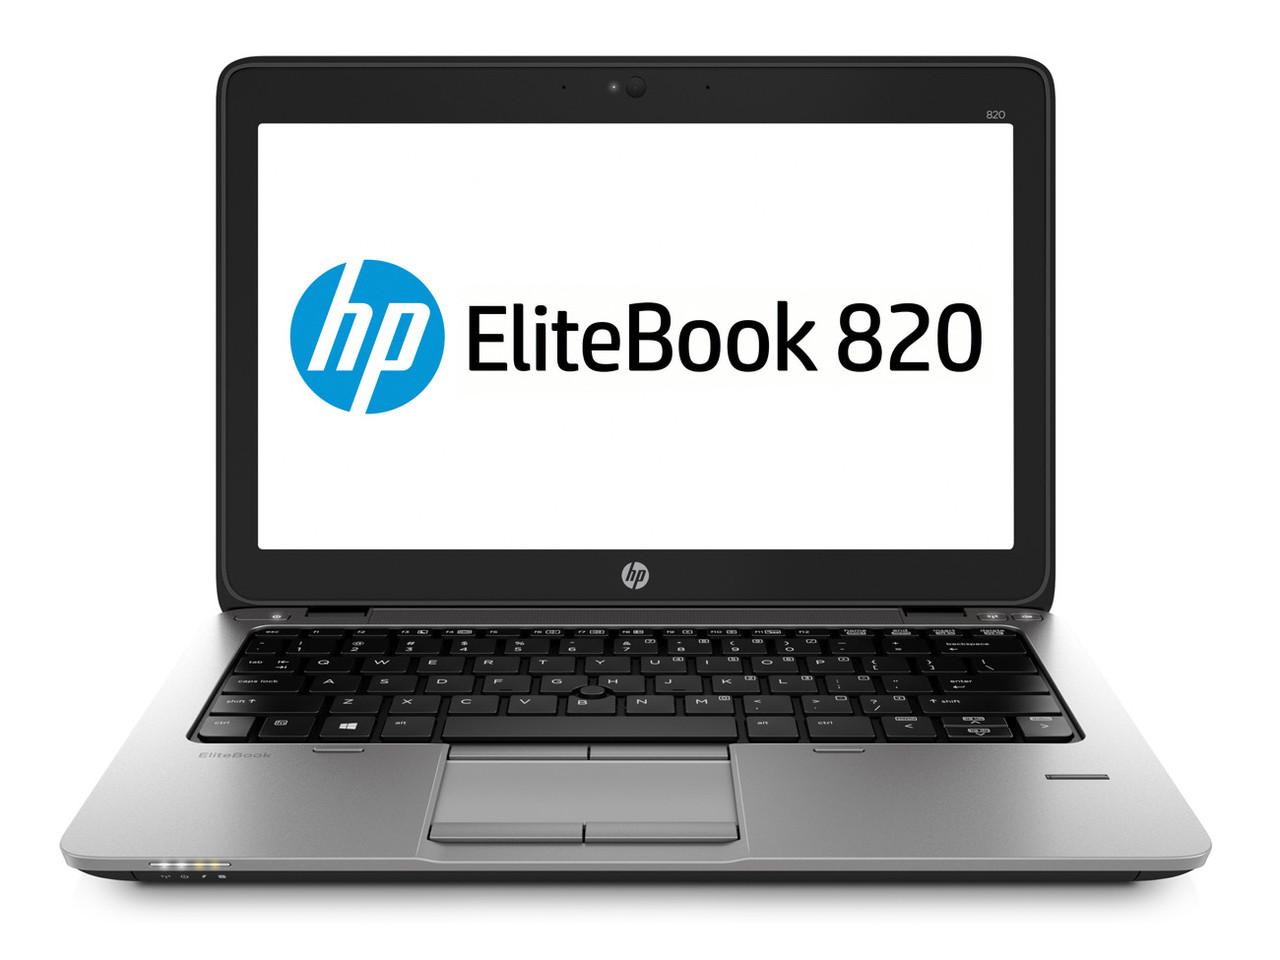 Ноутбук HP EliteBook 820 G2-Intel-Core-i5-5200U-2,20GHz-8Gb-DDR3-180Gb-SSD-W12.5-W7P-Web- Б/У